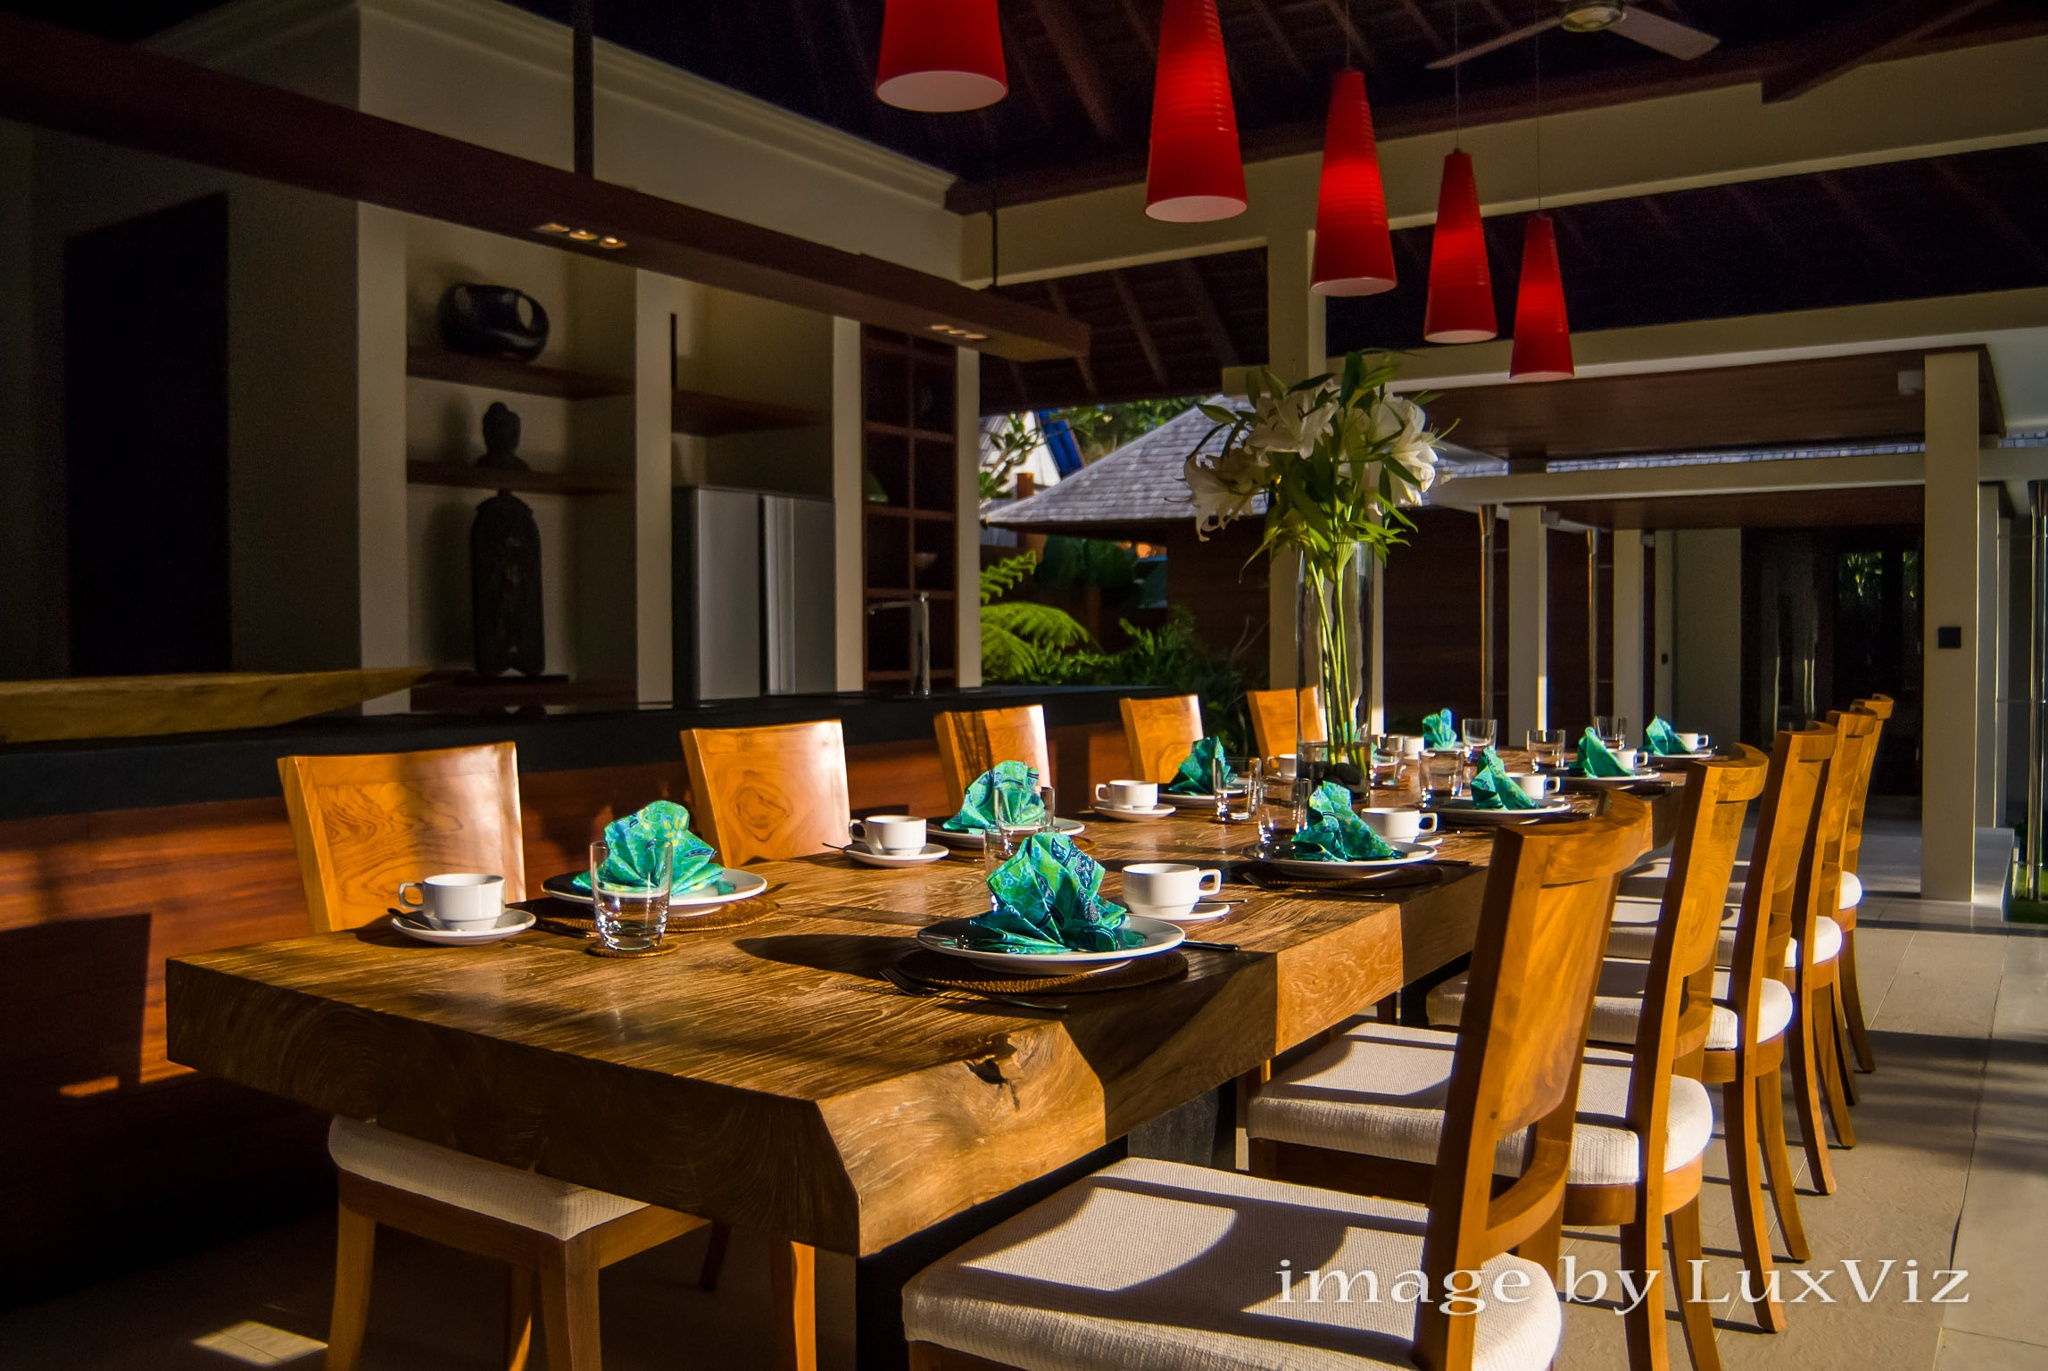 Bali Luxury Villa Photography - Astika Toyaning by Rick Carmichael